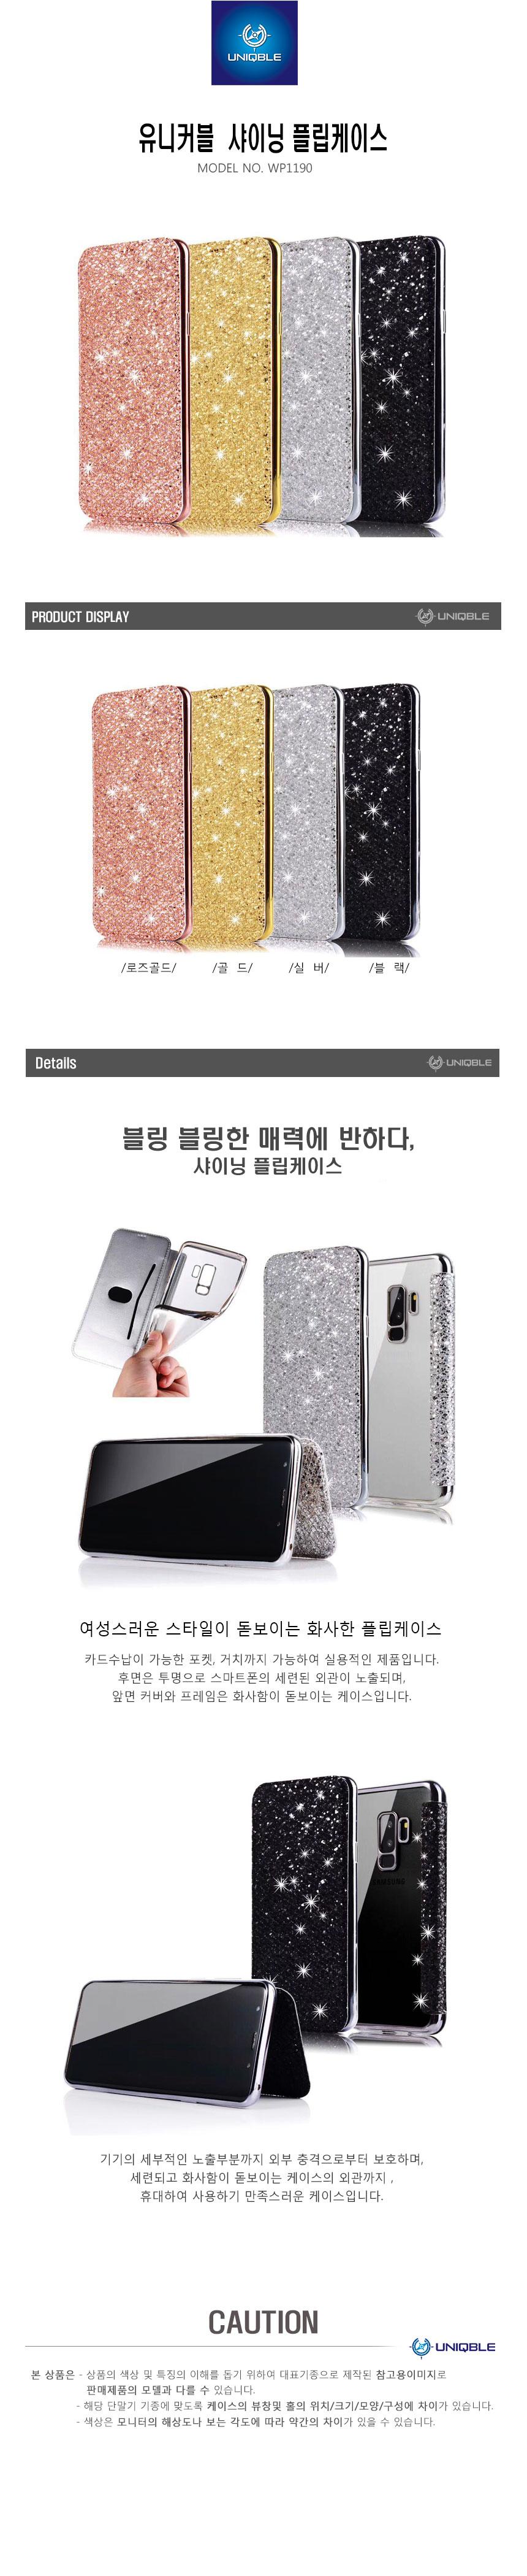 갤럭시S10 S10플러스 S10E S9 S9+ 노트9 카드수납 큐빅 플립 케이스 - 유니커블, 9,700원, 케이스, 갤럭시S10